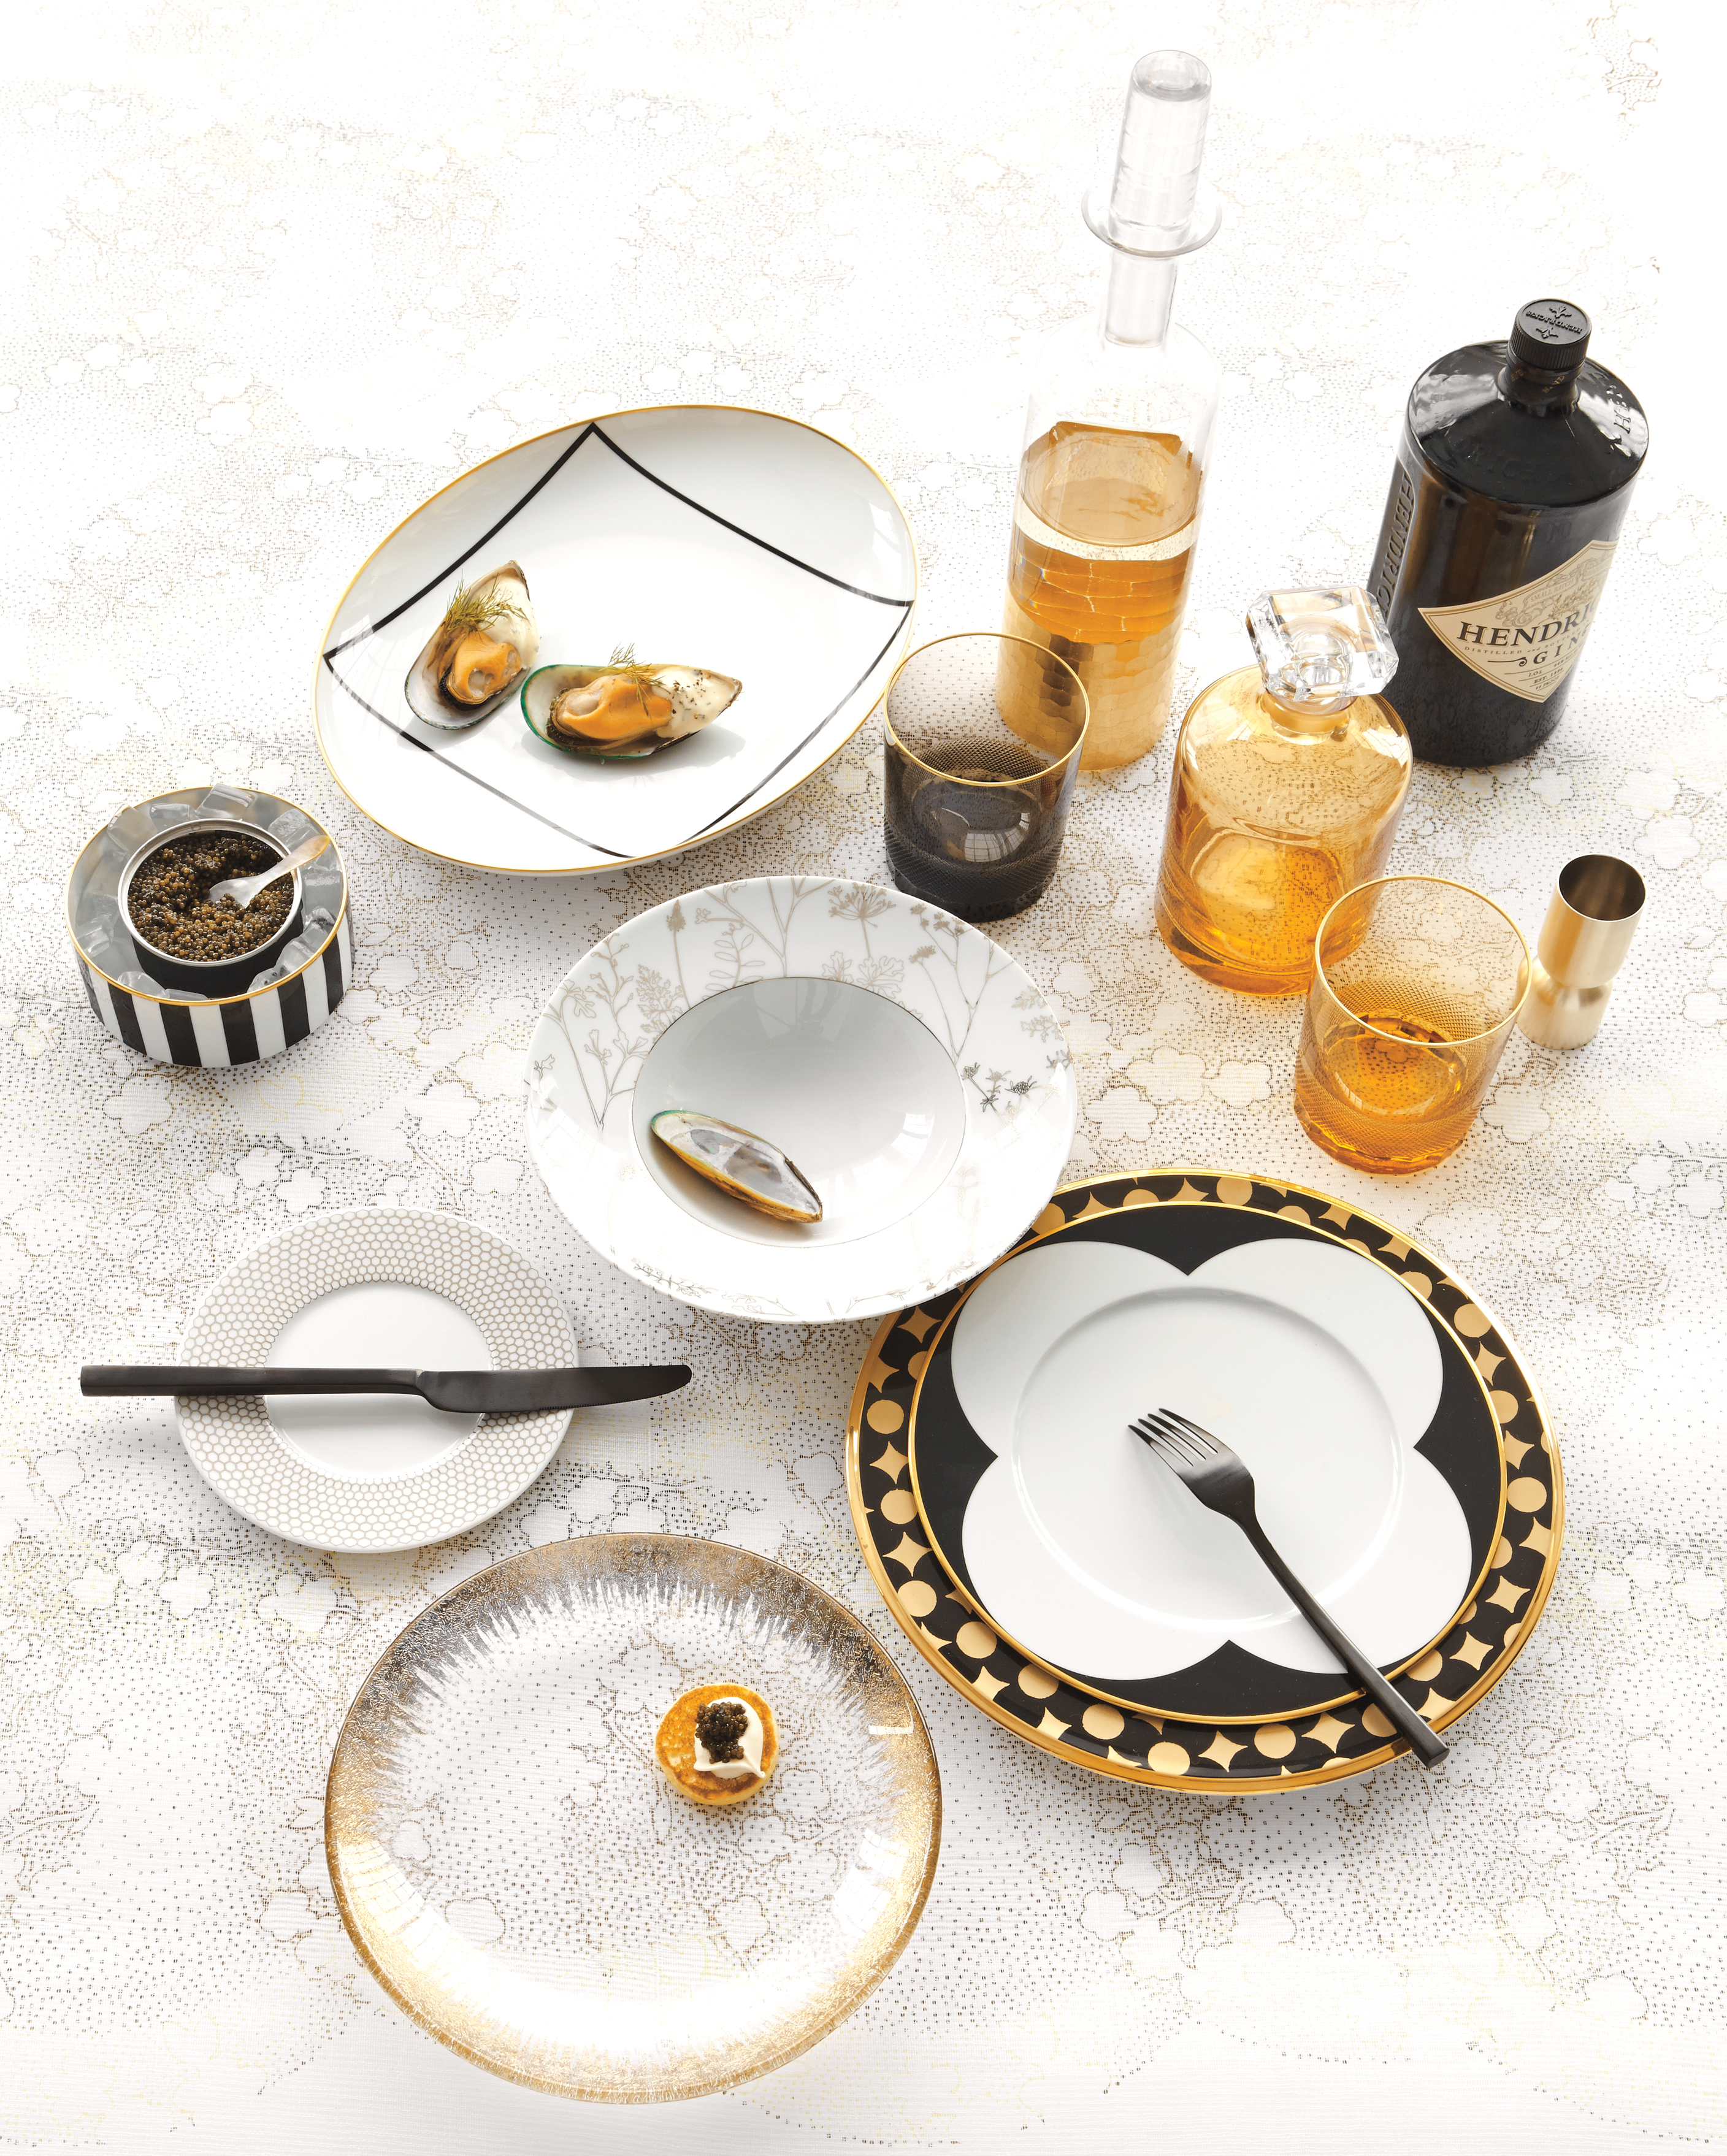 tableware-celebration-118-d112189.jpg